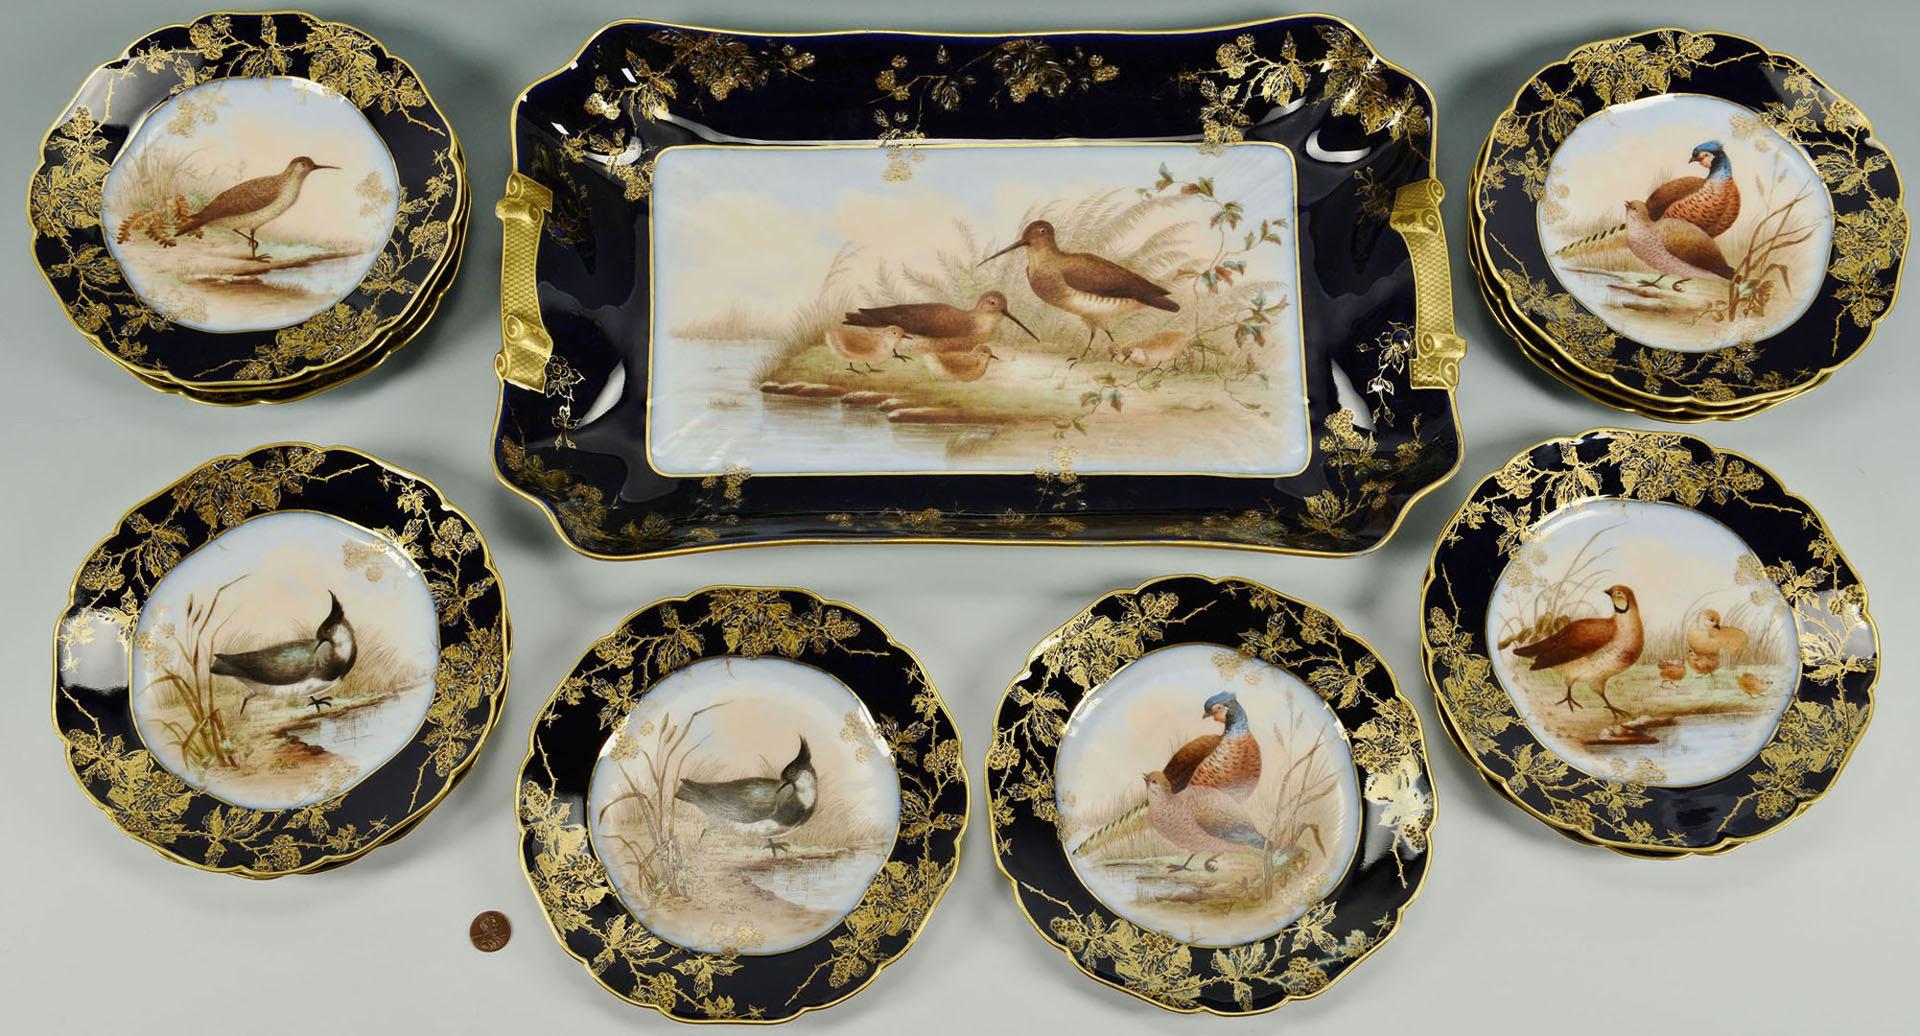 & Lot 564: Haviland Limoges Porcelain Game Set